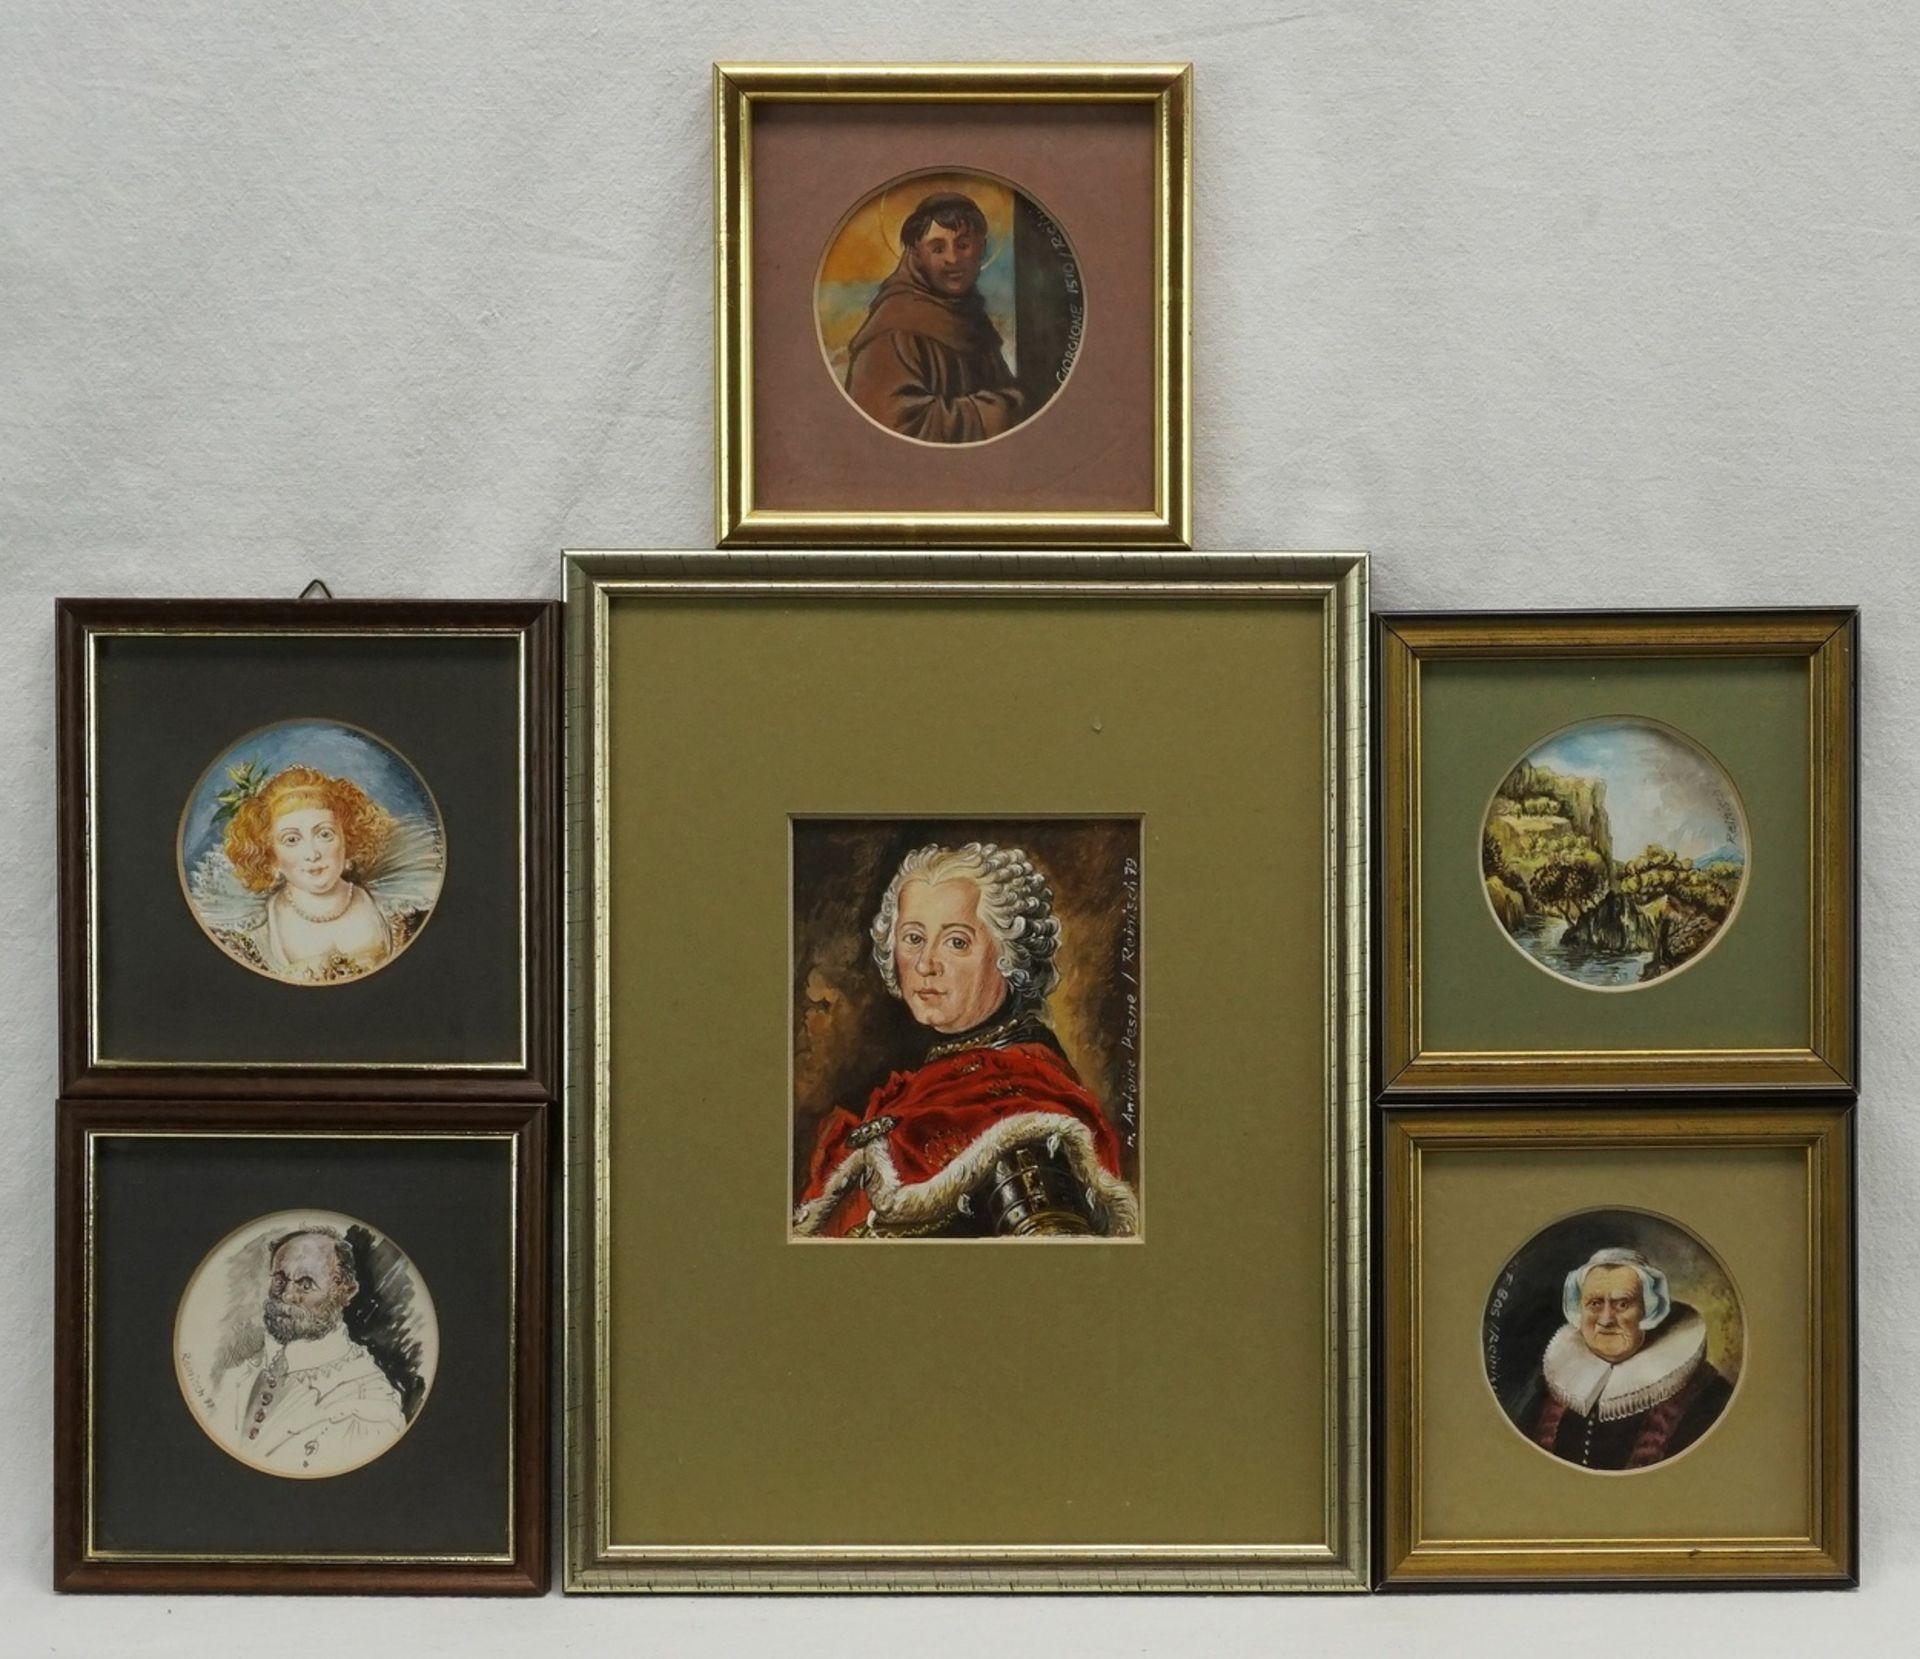 Rudolf Reinisch, Sechs Miniaturbilder